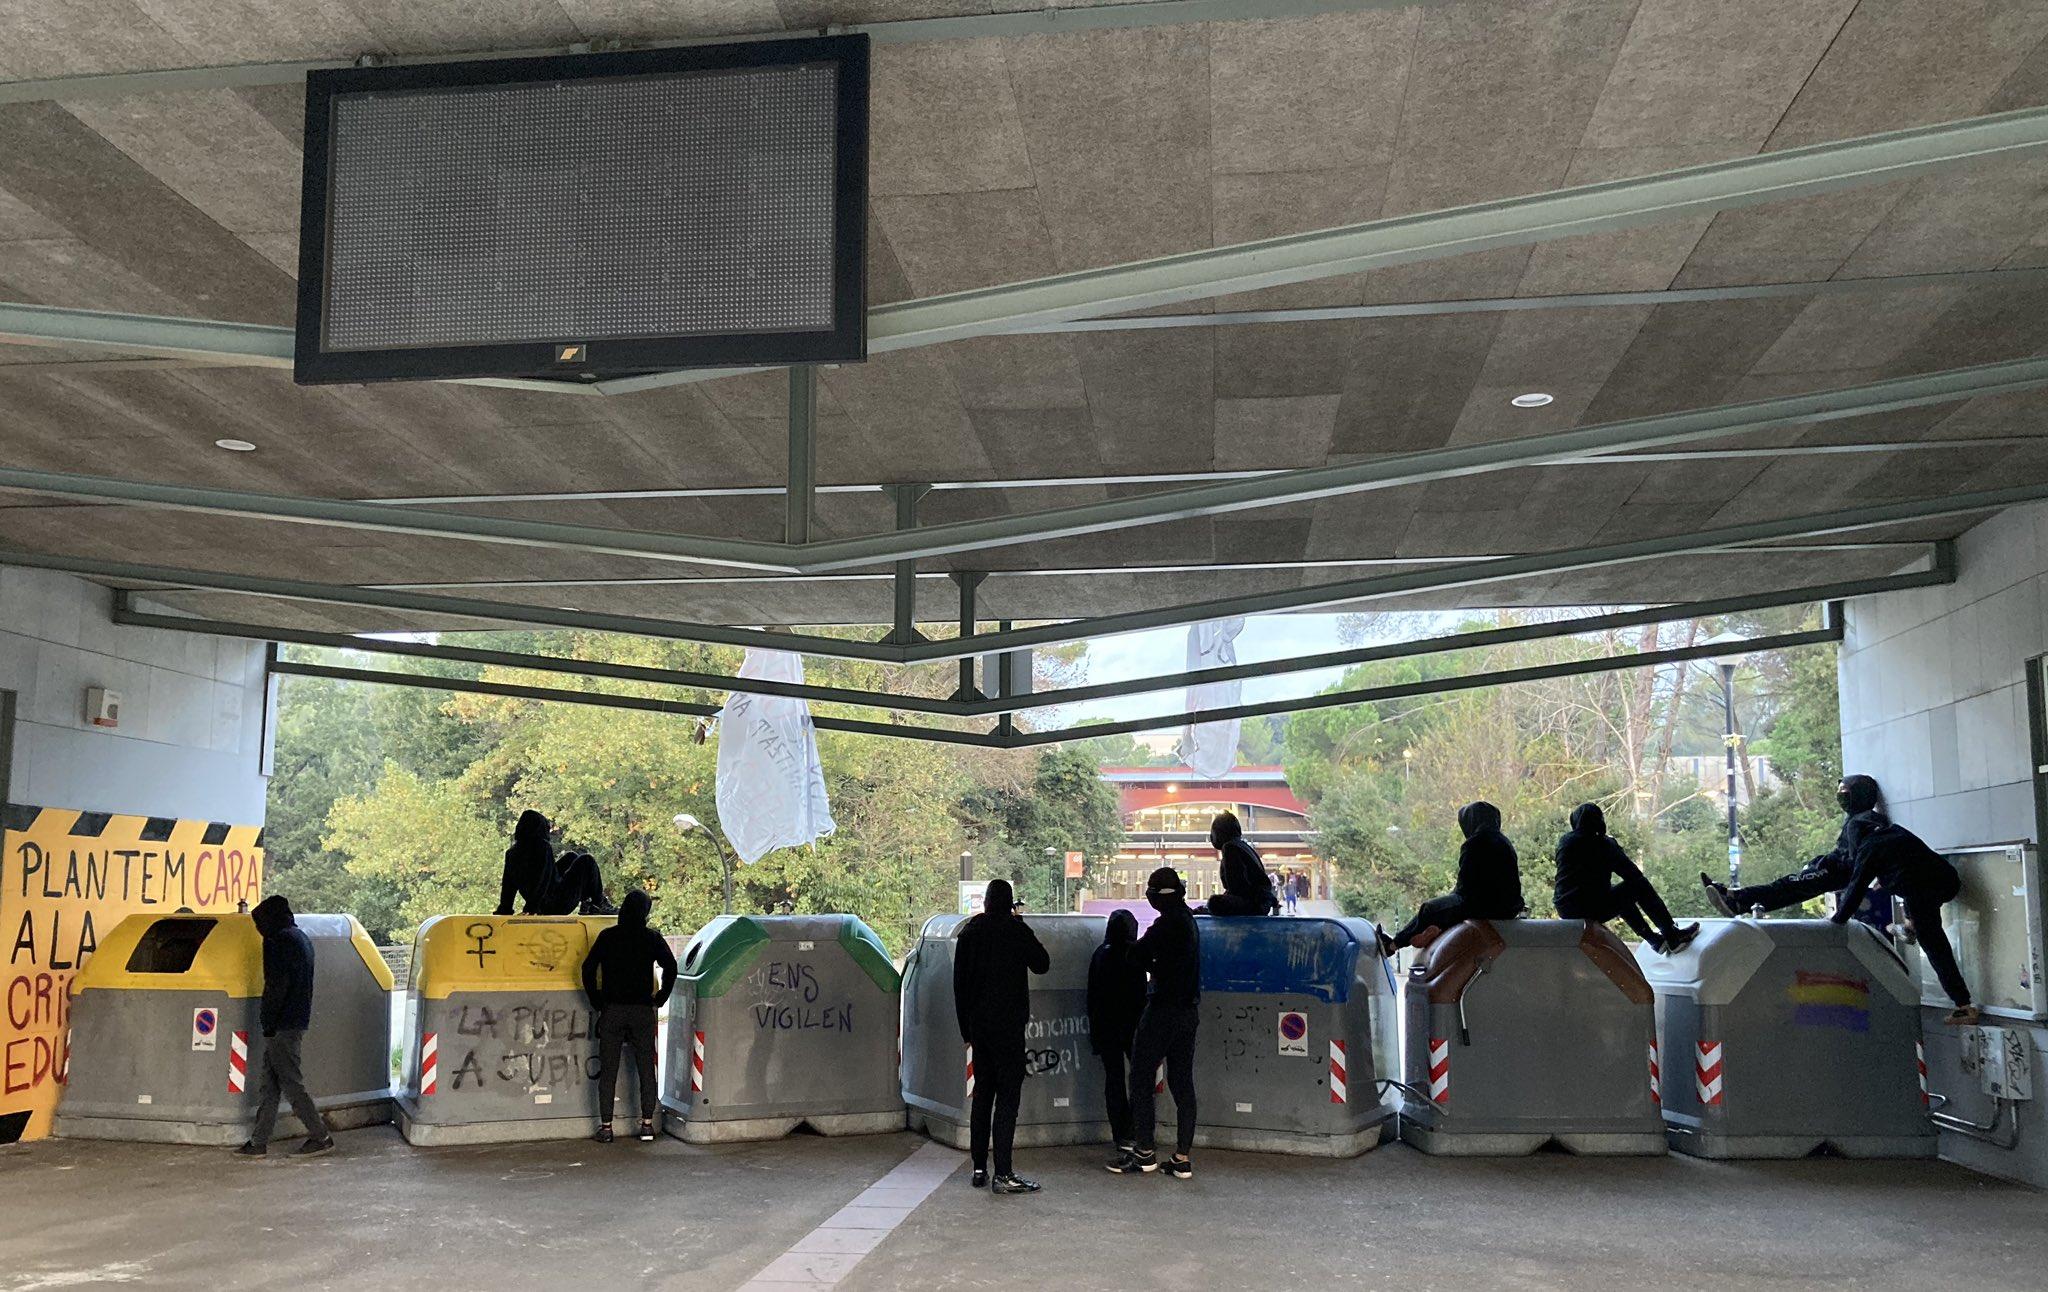 Barricada a l'entrada de la plaça Cívica des dels FGC   @SEPC_UAB